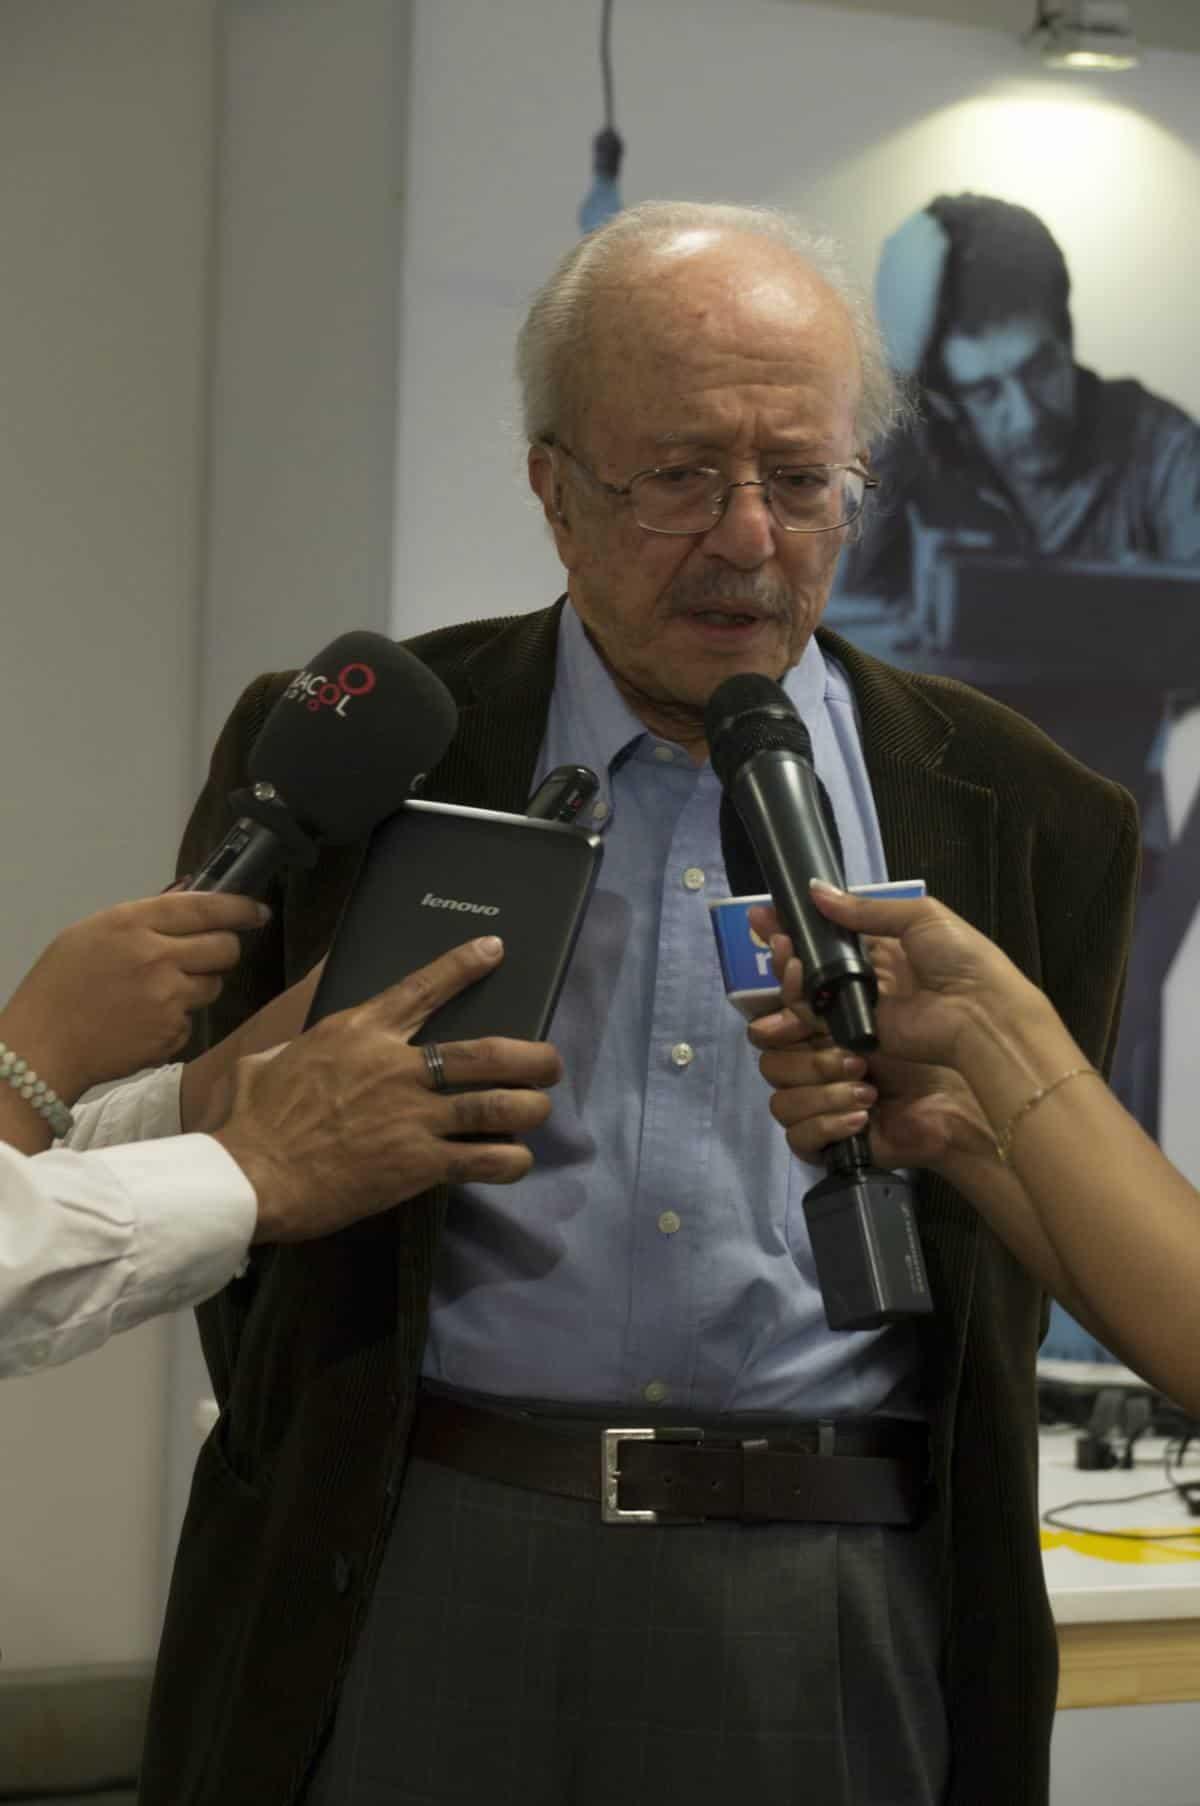 Javier Darío Restrepo. Rueda de prensa con los ganadores de las categorías del Premio. Foto: Isabel Tobón/ FNPI.